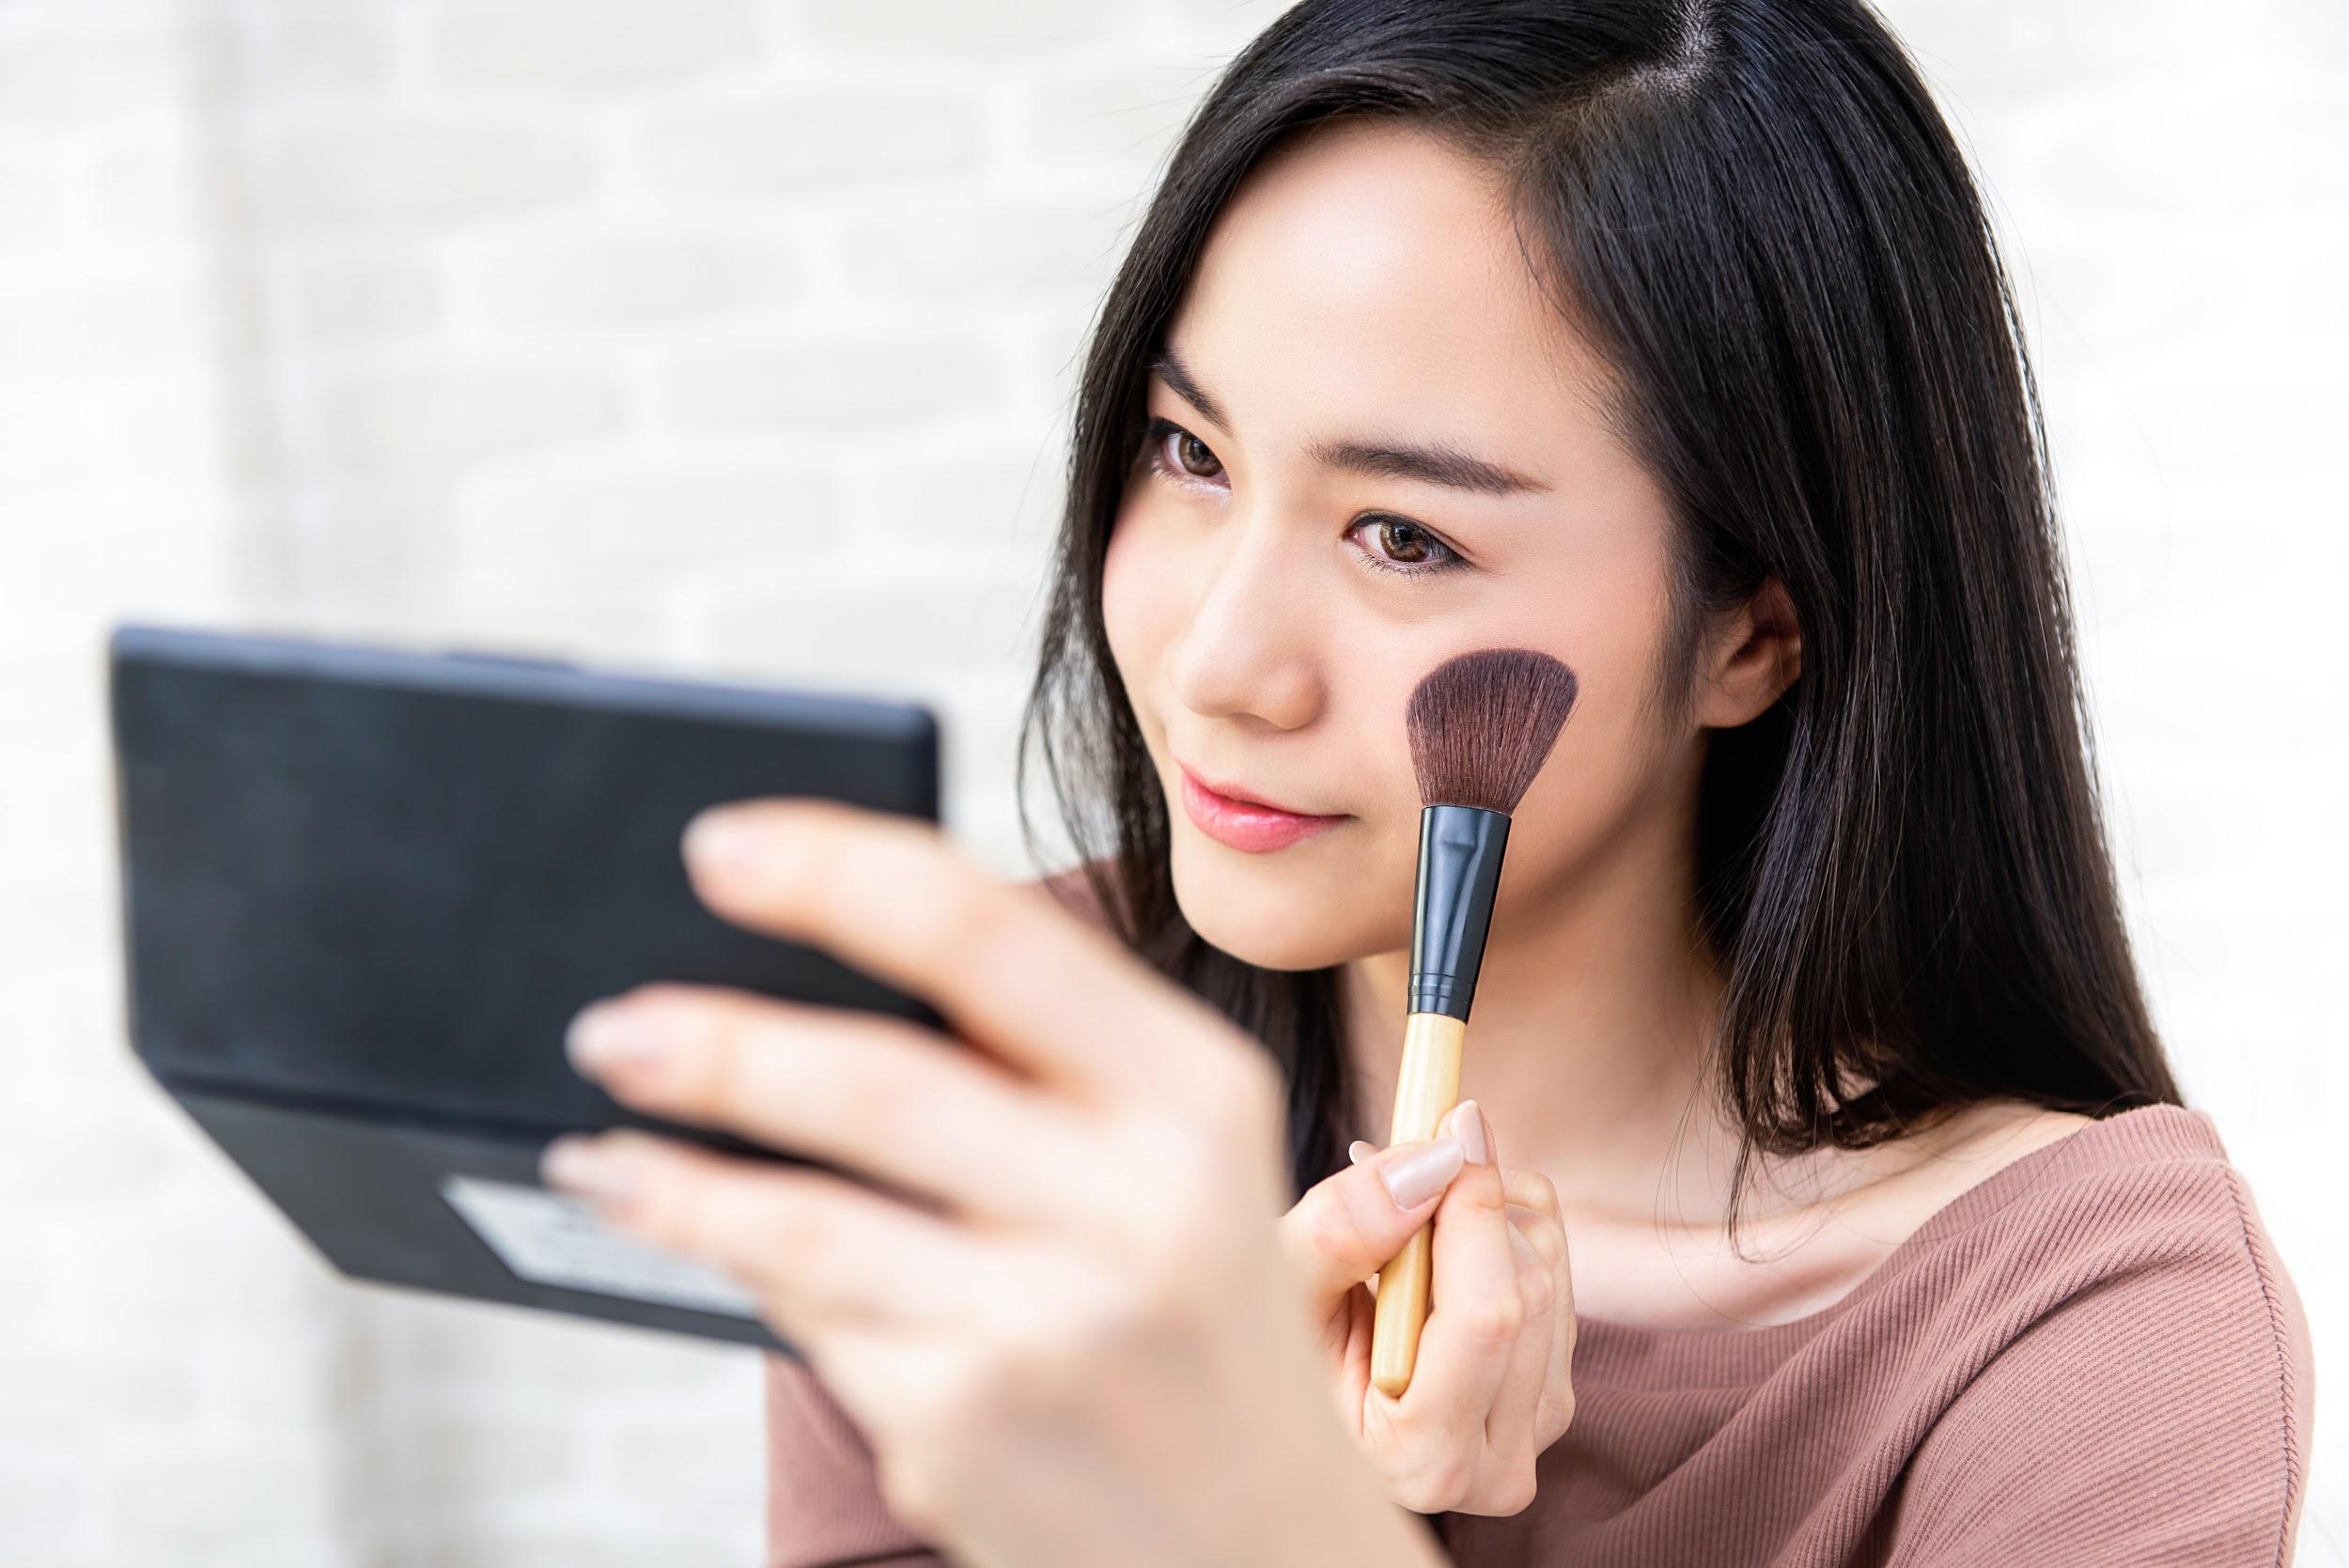 Tẩy trang và rửa mặt trong 1 bước: Là do bạn không biết cách chăm sóc da hay vì lười? - Ảnh 1.